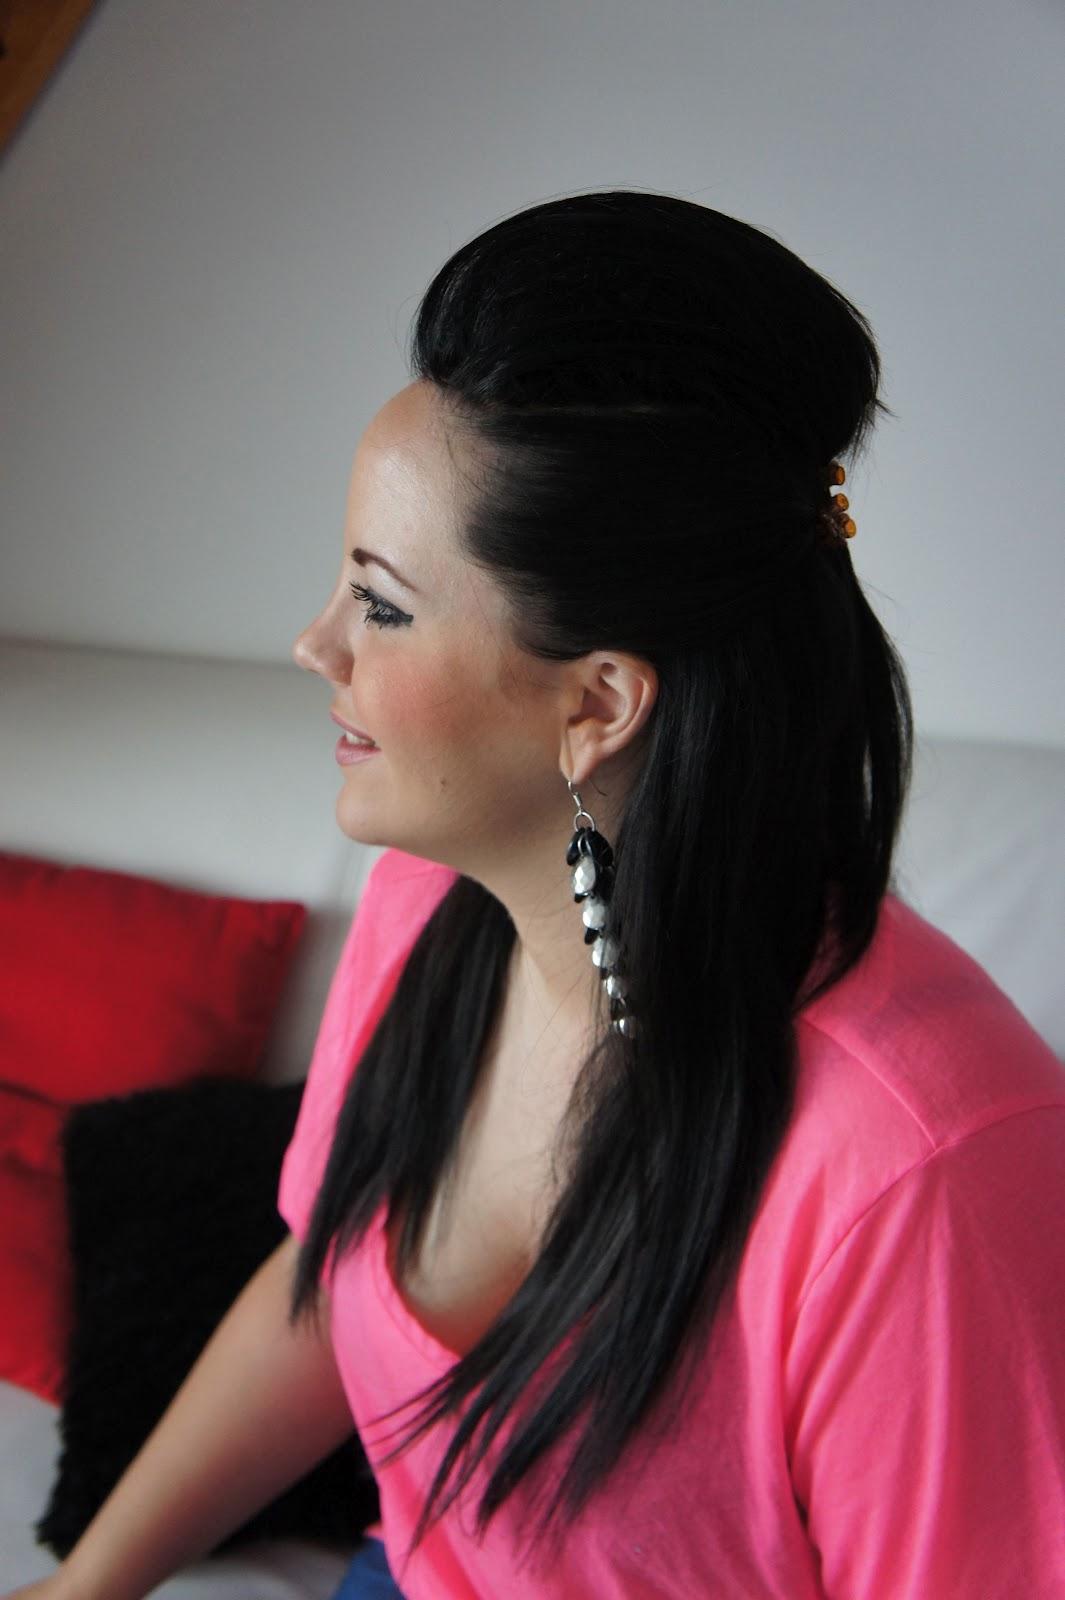 belle coupe de cheveux long femme avantage pour le metier. Black Bedroom Furniture Sets. Home Design Ideas